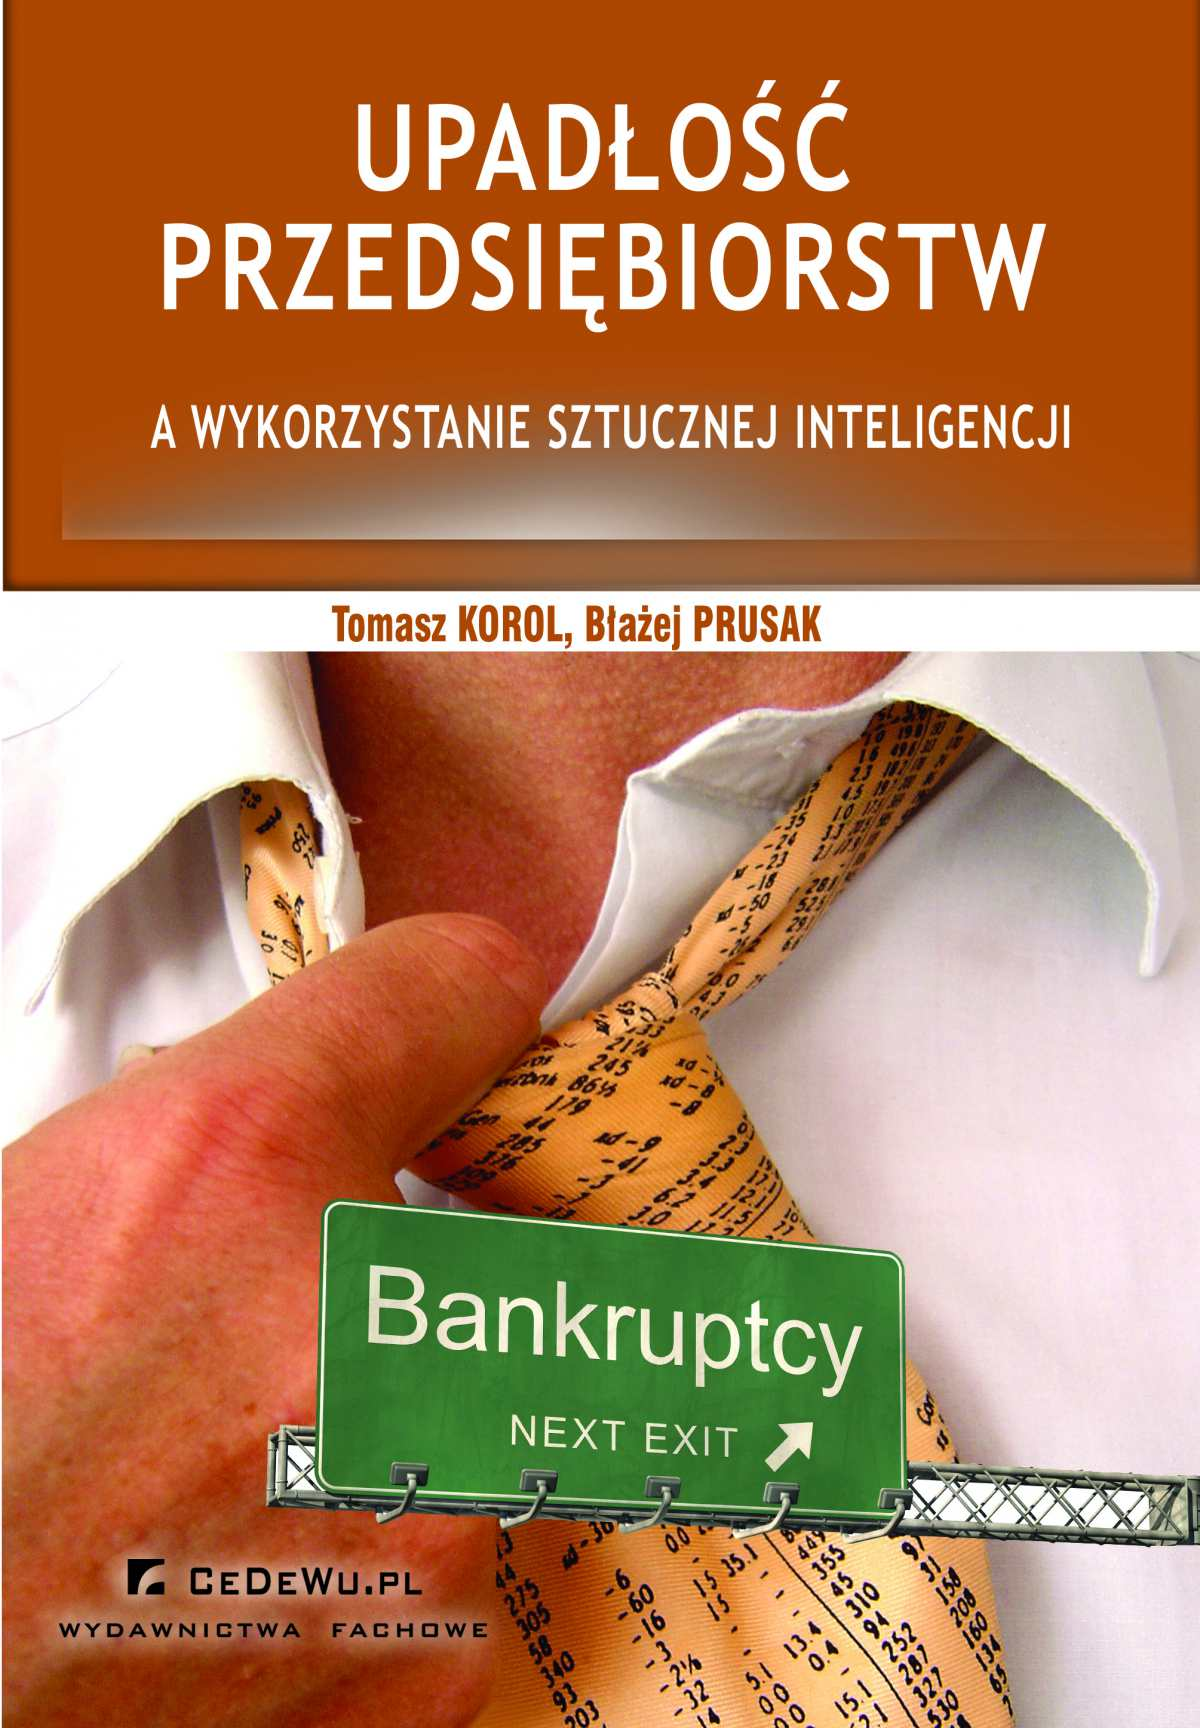 Upadłość przedsiębiorstw a wykorzystanie sztucznej inteligencji (wyd. II). Rozdział 1. Prawne uwarunkowania upadłości przedsiębiorstw - Ebook (Książka PDF) do pobrania w formacie PDF